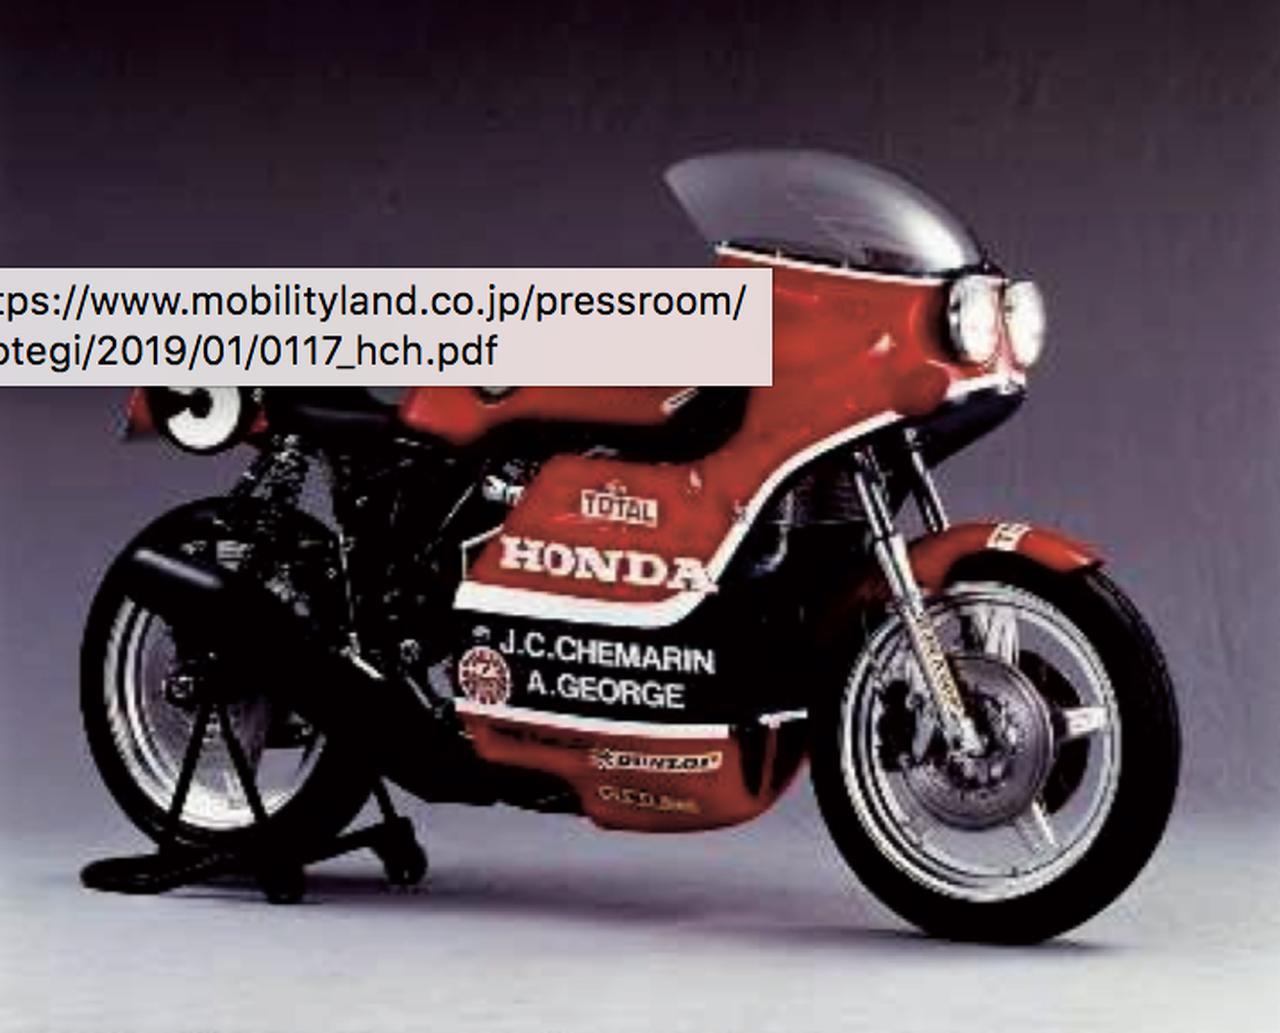 画像: 株式会社 モビリティーランド 公式サイトより ホンダ RCB1000(1976年) ジャン・クロード・シュマラン/ アレックス・ジョージ ヨーロッパ耐久選手権 www.mobilityland.co.jp